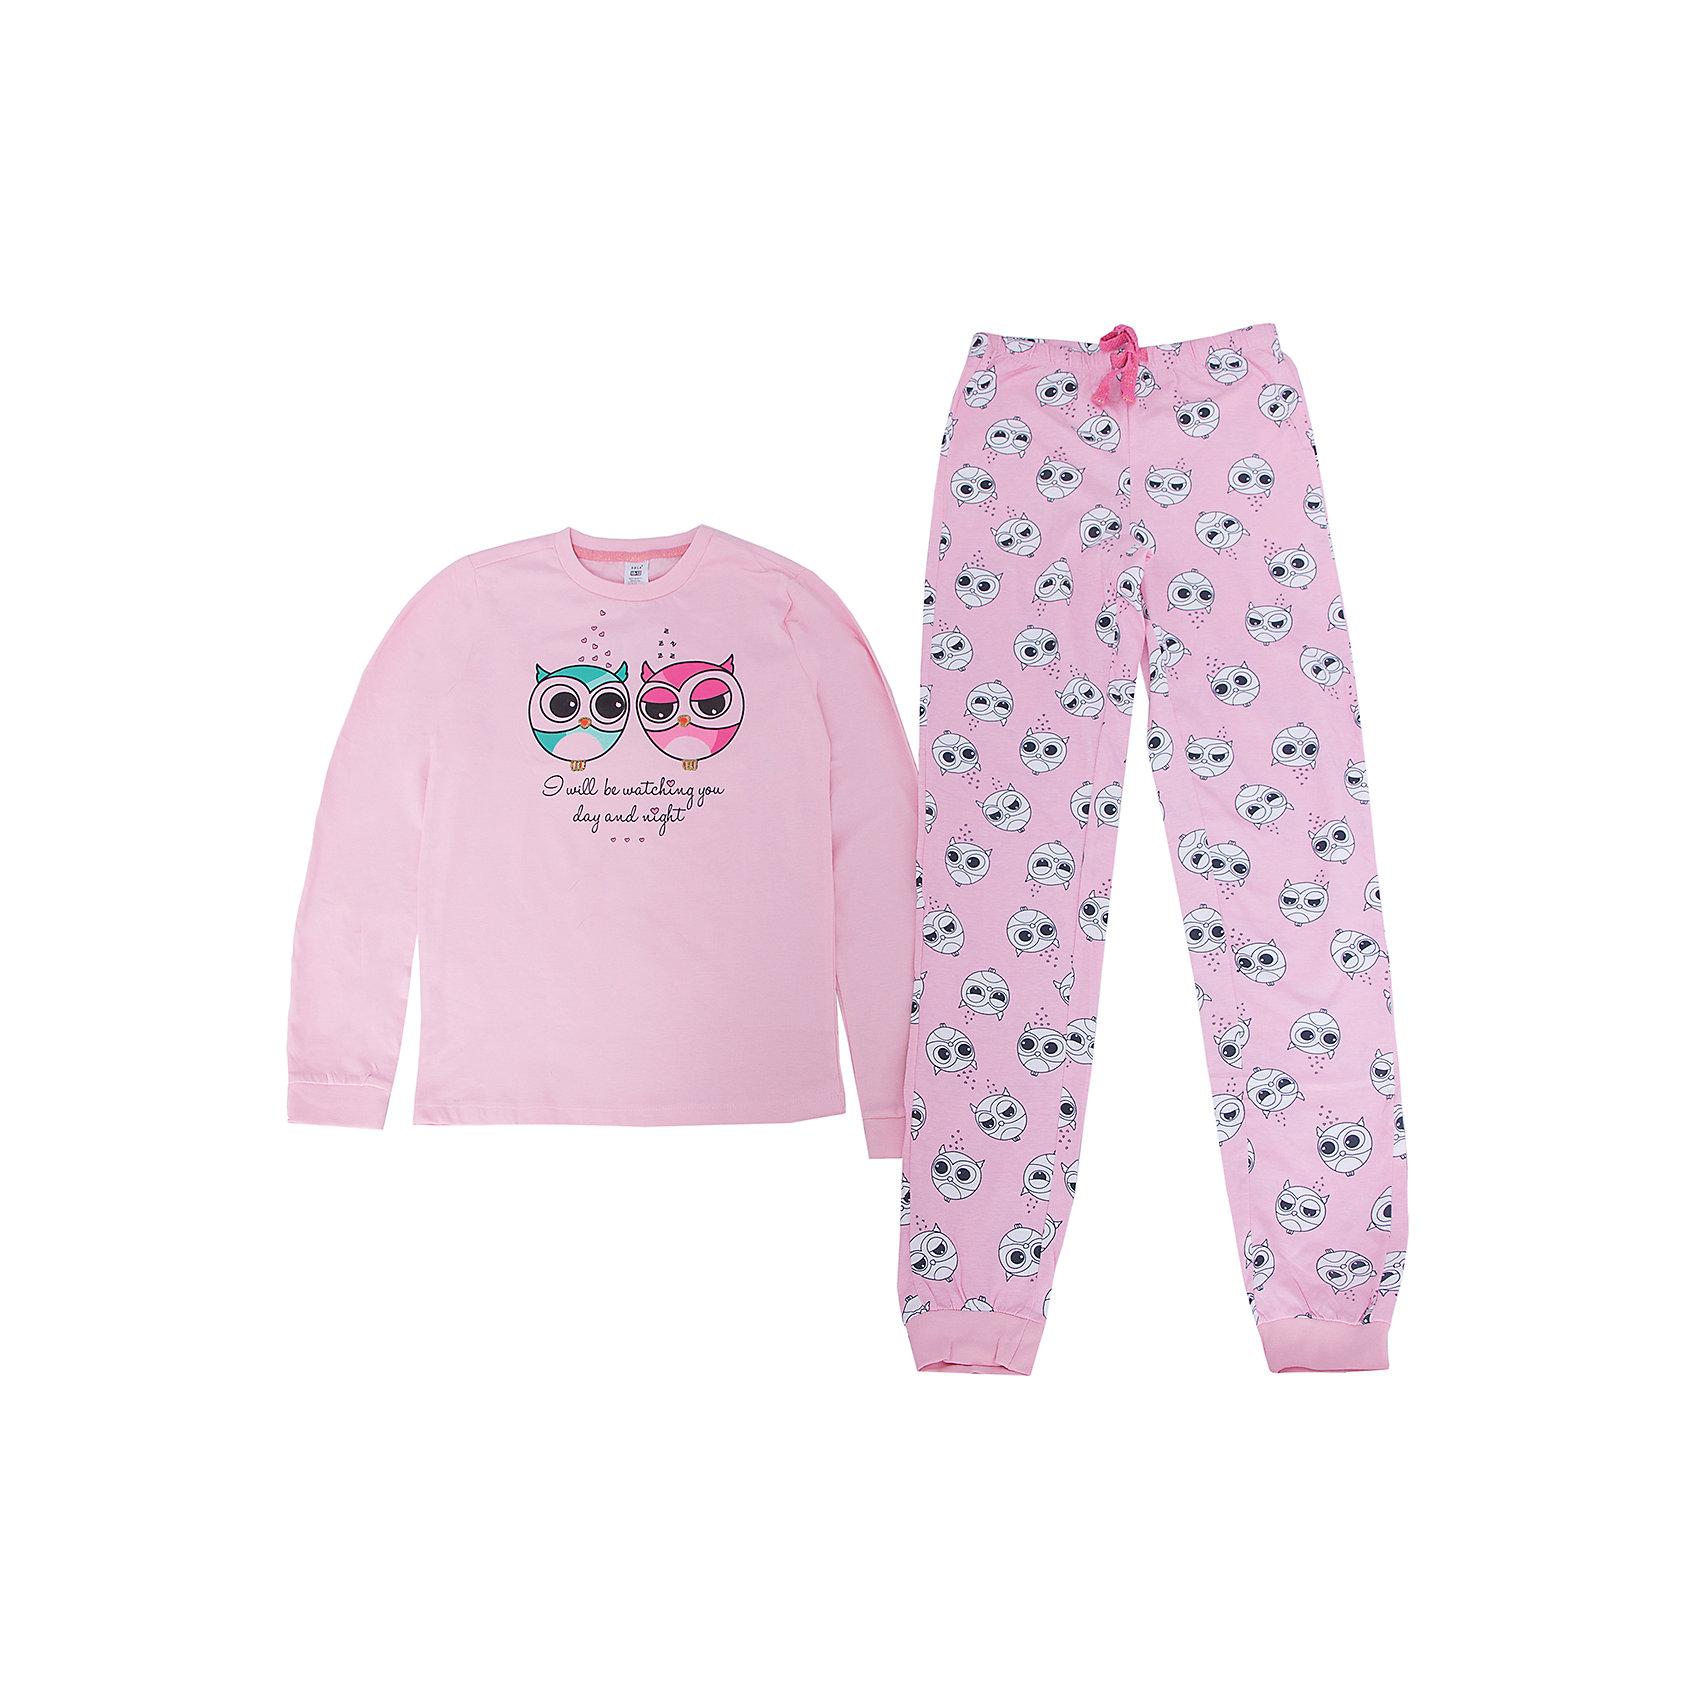 Пижама для девочки SELAПижамы и сорочки<br>Пижама для девочки SELA<br><br>Характеристики:<br><br>- цвет: розовый<br>- в комплект входит: штаны, кофта<br>- свободный силуэт<br>- эластичные манжеты<br>- состав: хлопок 100%<br>- для детей в возрасте: от 2 до 6 лет<br>- страна производитель: Индия<br><br>Нежная пижама светло-розового цвета из новой коллекции весна 2017 от популярного бренда одежды SELA (Сэла). Пижама с симпатичными совятами отлично подойдет для использования на каждый день в прохладное время года. Натуральная хлопчатобумажная ткань изделия отлично пропускает воздух и позволяет коже дышать. Свободный силуэт пижамы обеспечивает необходимый комфорт во время сна. Надпись переводится как «Я буду присматривать за тобой днем и ночью». Добавьте весны в свой гардероб вместе с новой коллекцией! <br><br>Пижаму для девочки SELA можно купить в нашем интернет-магазине.<br><br>Ширина мм: 281<br>Глубина мм: 70<br>Высота мм: 188<br>Вес г: 295<br>Цвет: розовый<br>Возраст от месяцев: 96<br>Возраст до месяцев: 108<br>Пол: Женский<br>Возраст: Детский<br>Размер: 128/134,116/122,92/98,140/146,104/110<br>SKU: 5302863